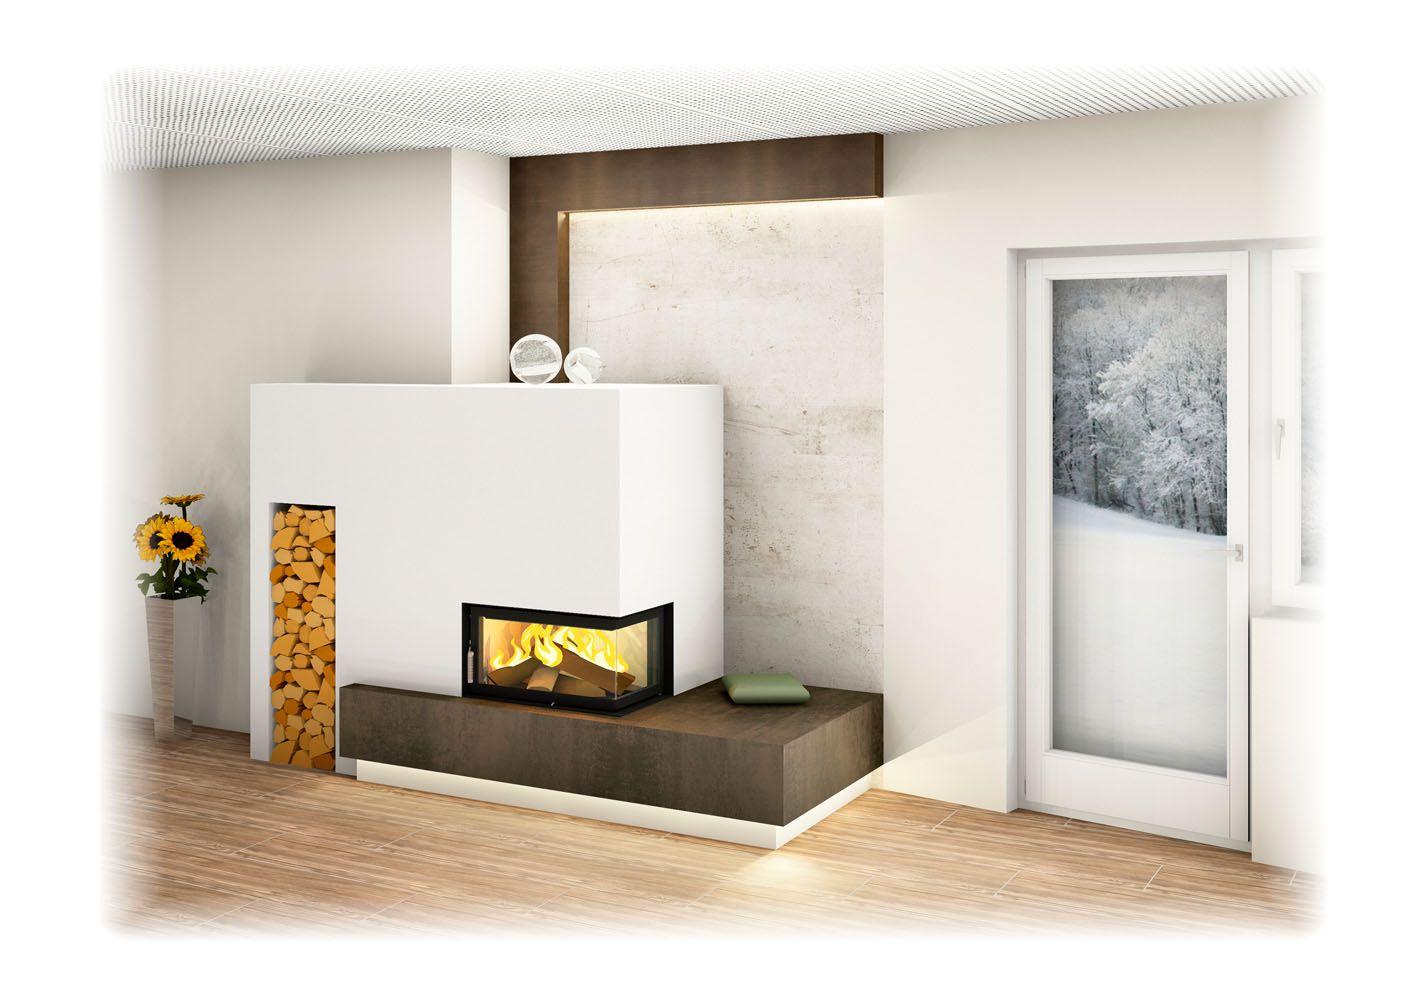 Moderner Kachelofen Mit Eckfenster, Indirekter Beleuchtung